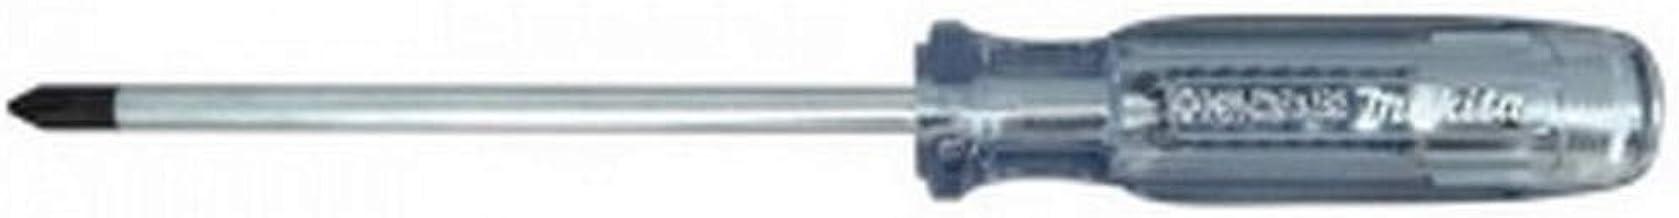 Makita B-42438 Shock Driver PH2 125mm